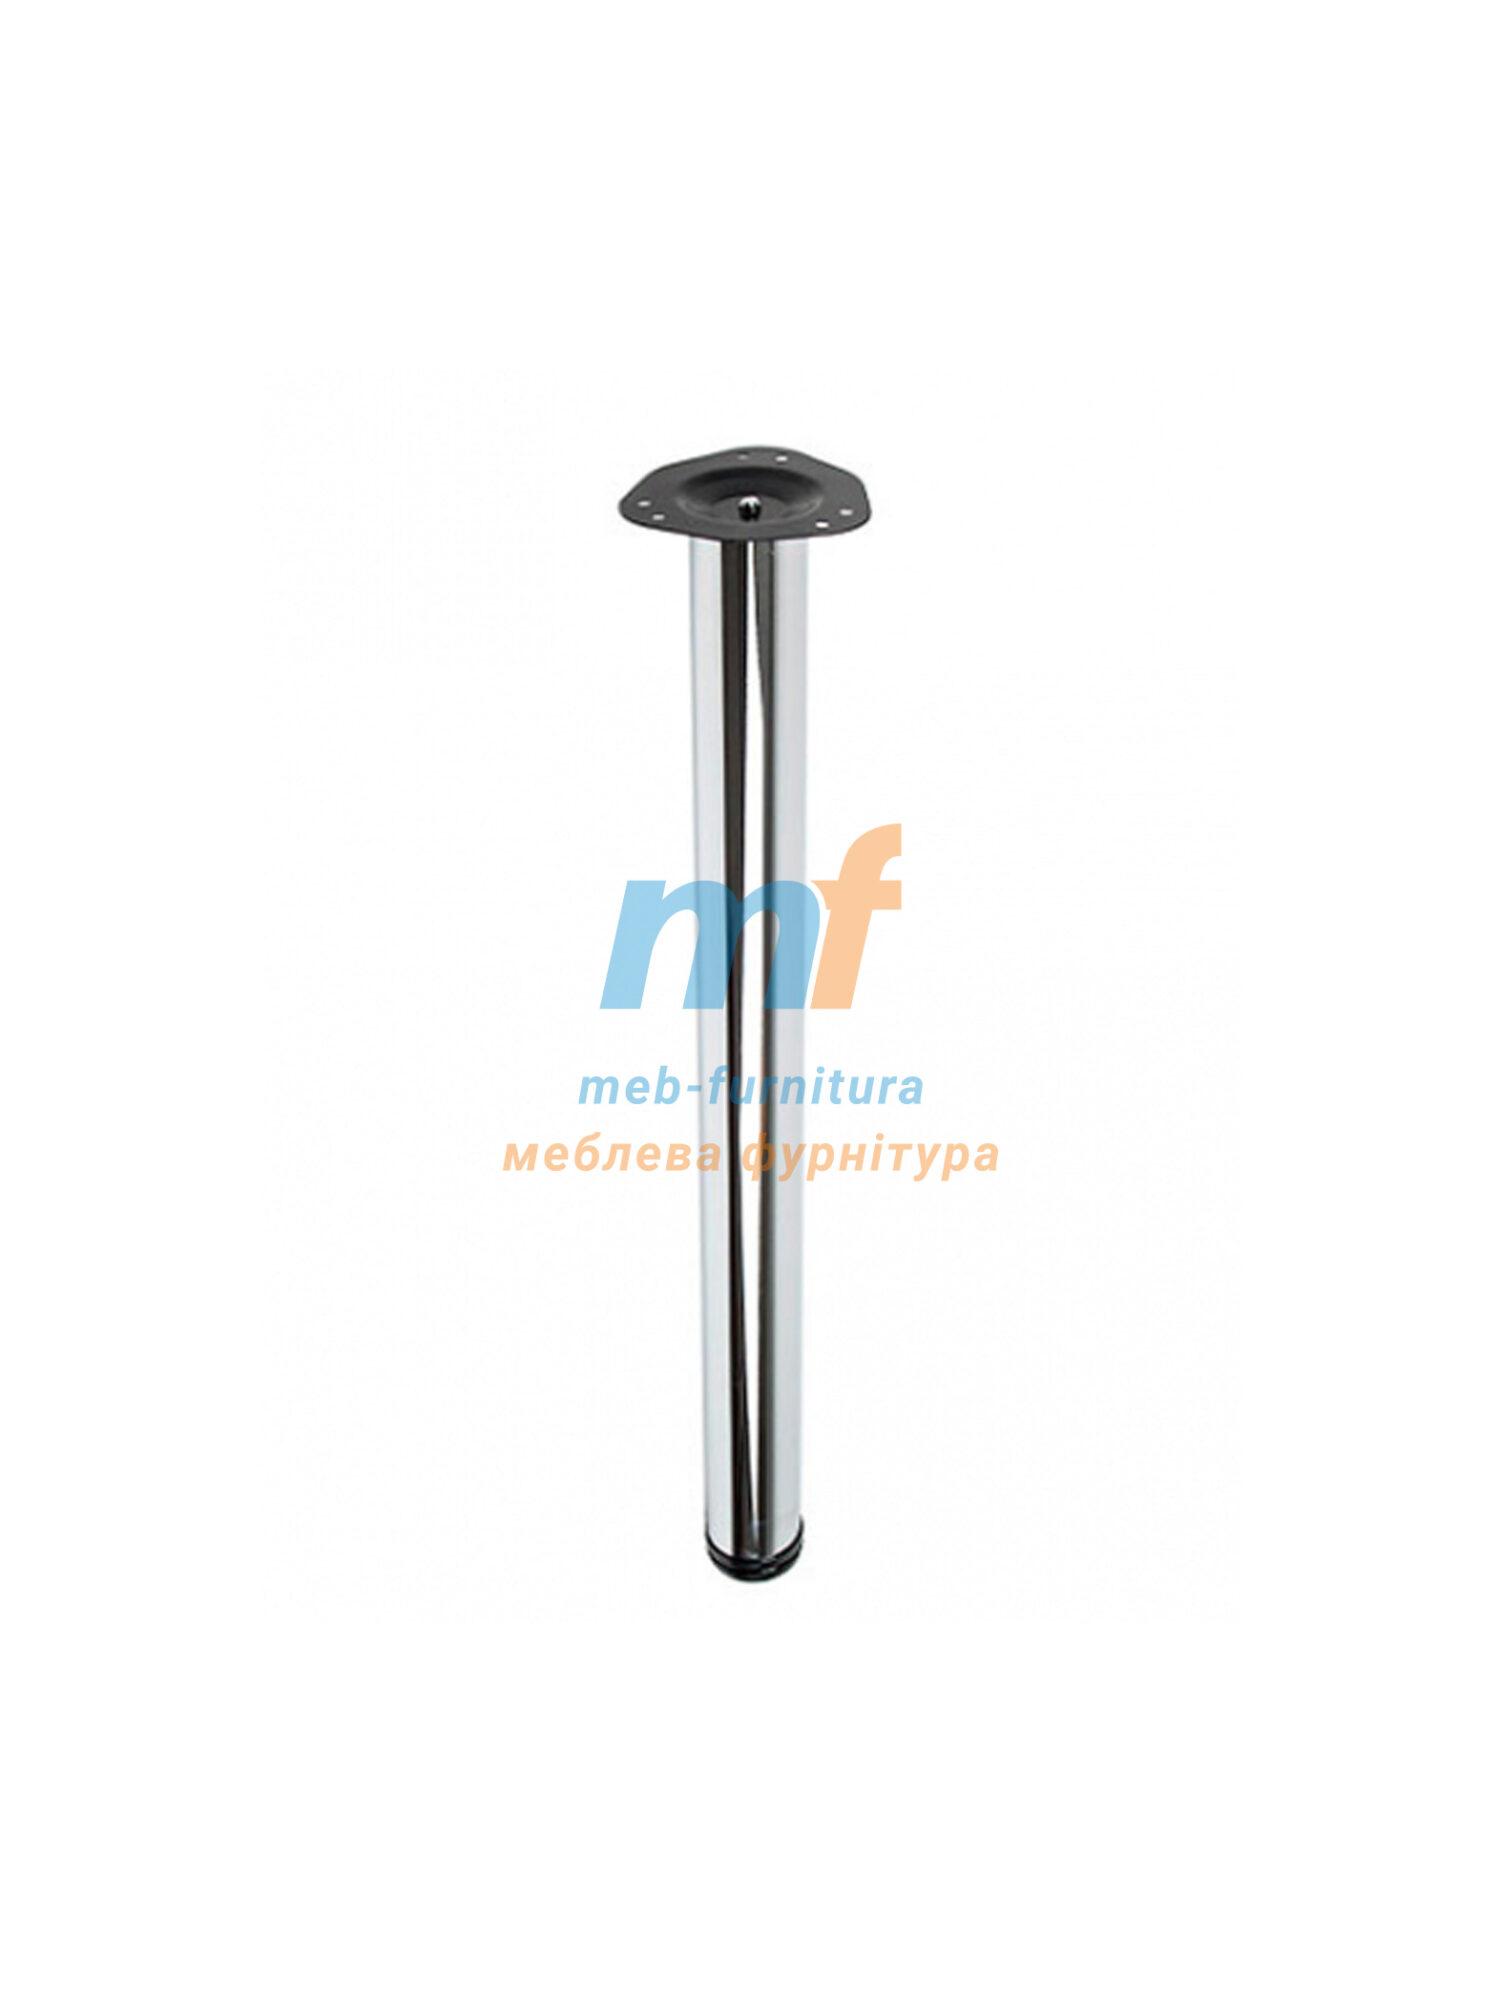 Опора для столов регулирующая 60х710мм хром